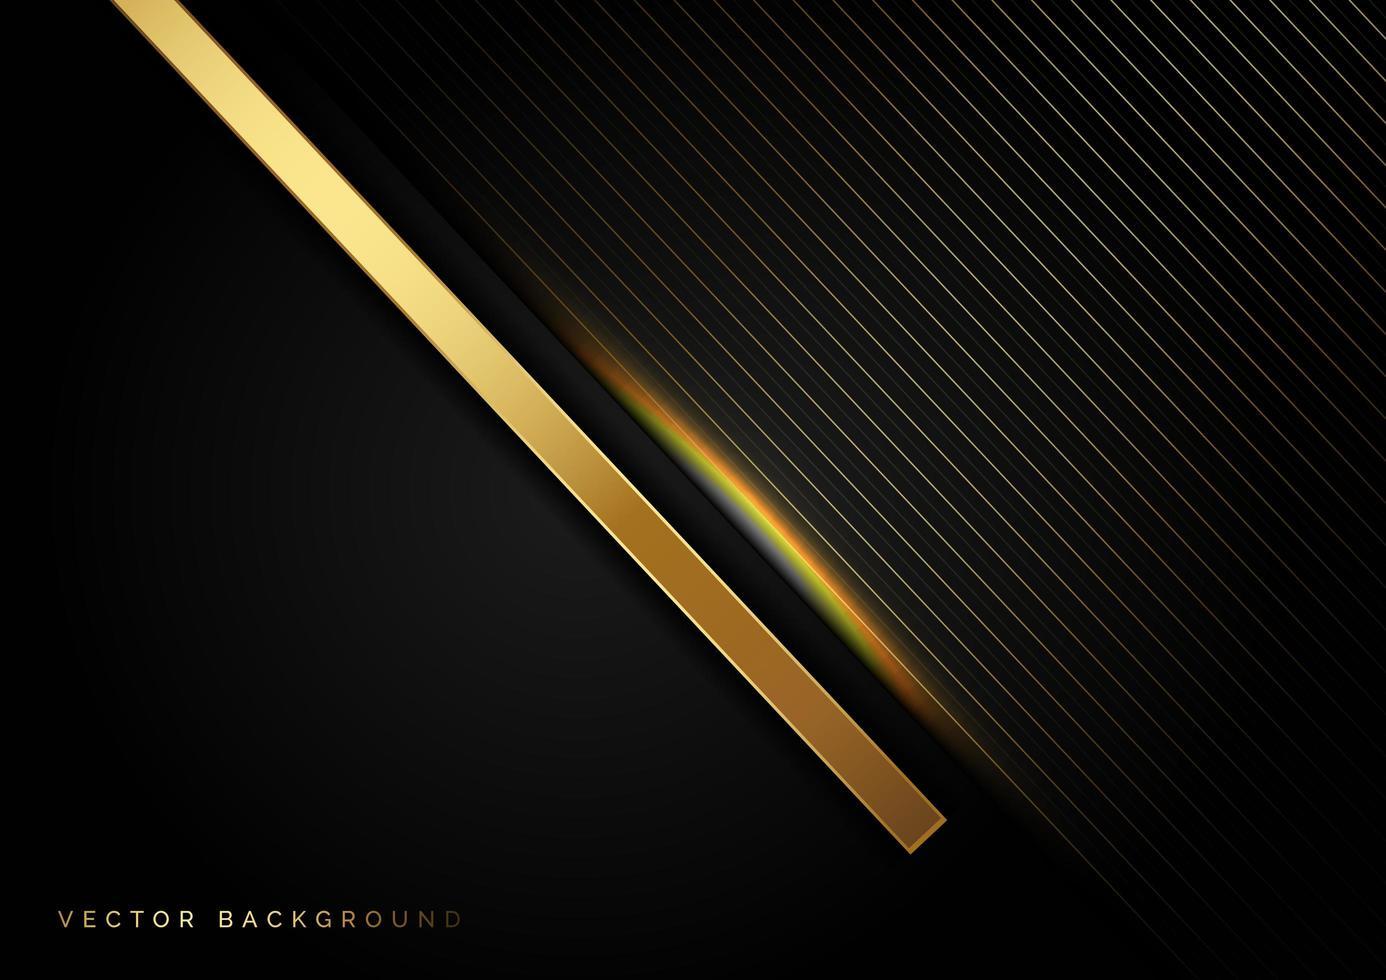 goldene diagonale Linien mit Lichteffekt-Luxus-Hintergrund vektor